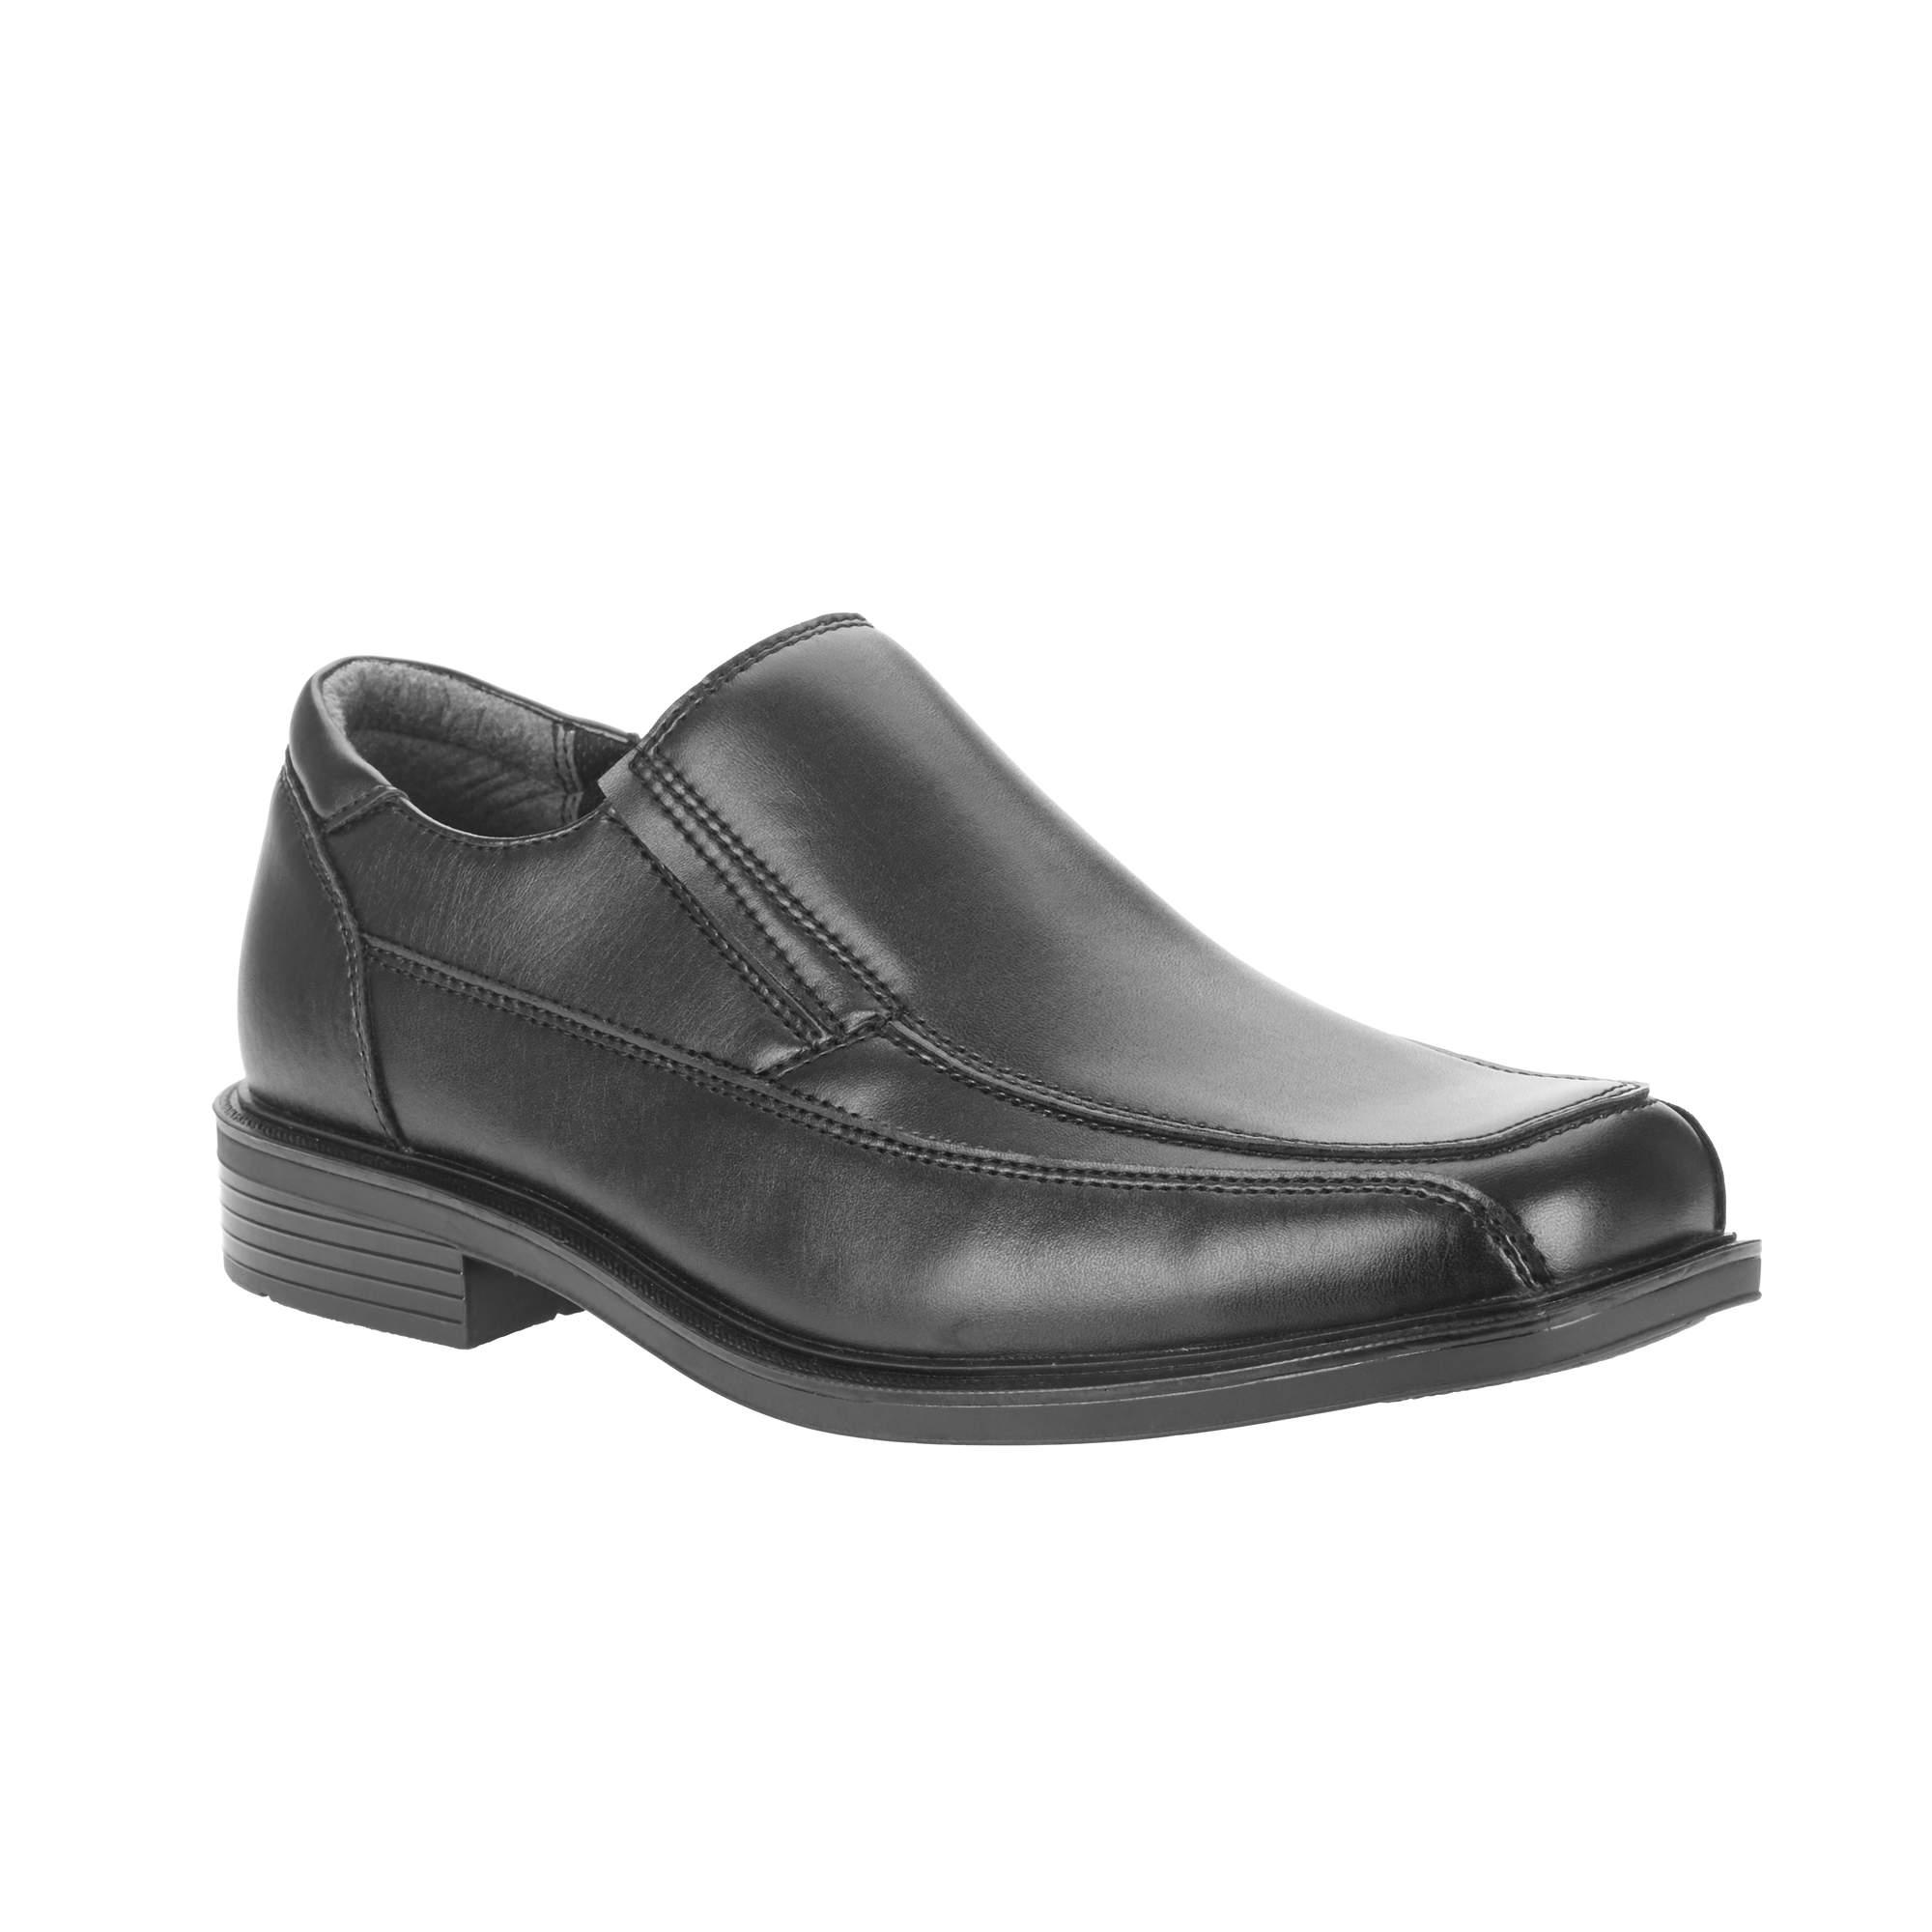 nike  flex esperienza rn 6 uomini scarpe da corsa lupo grigio / totale